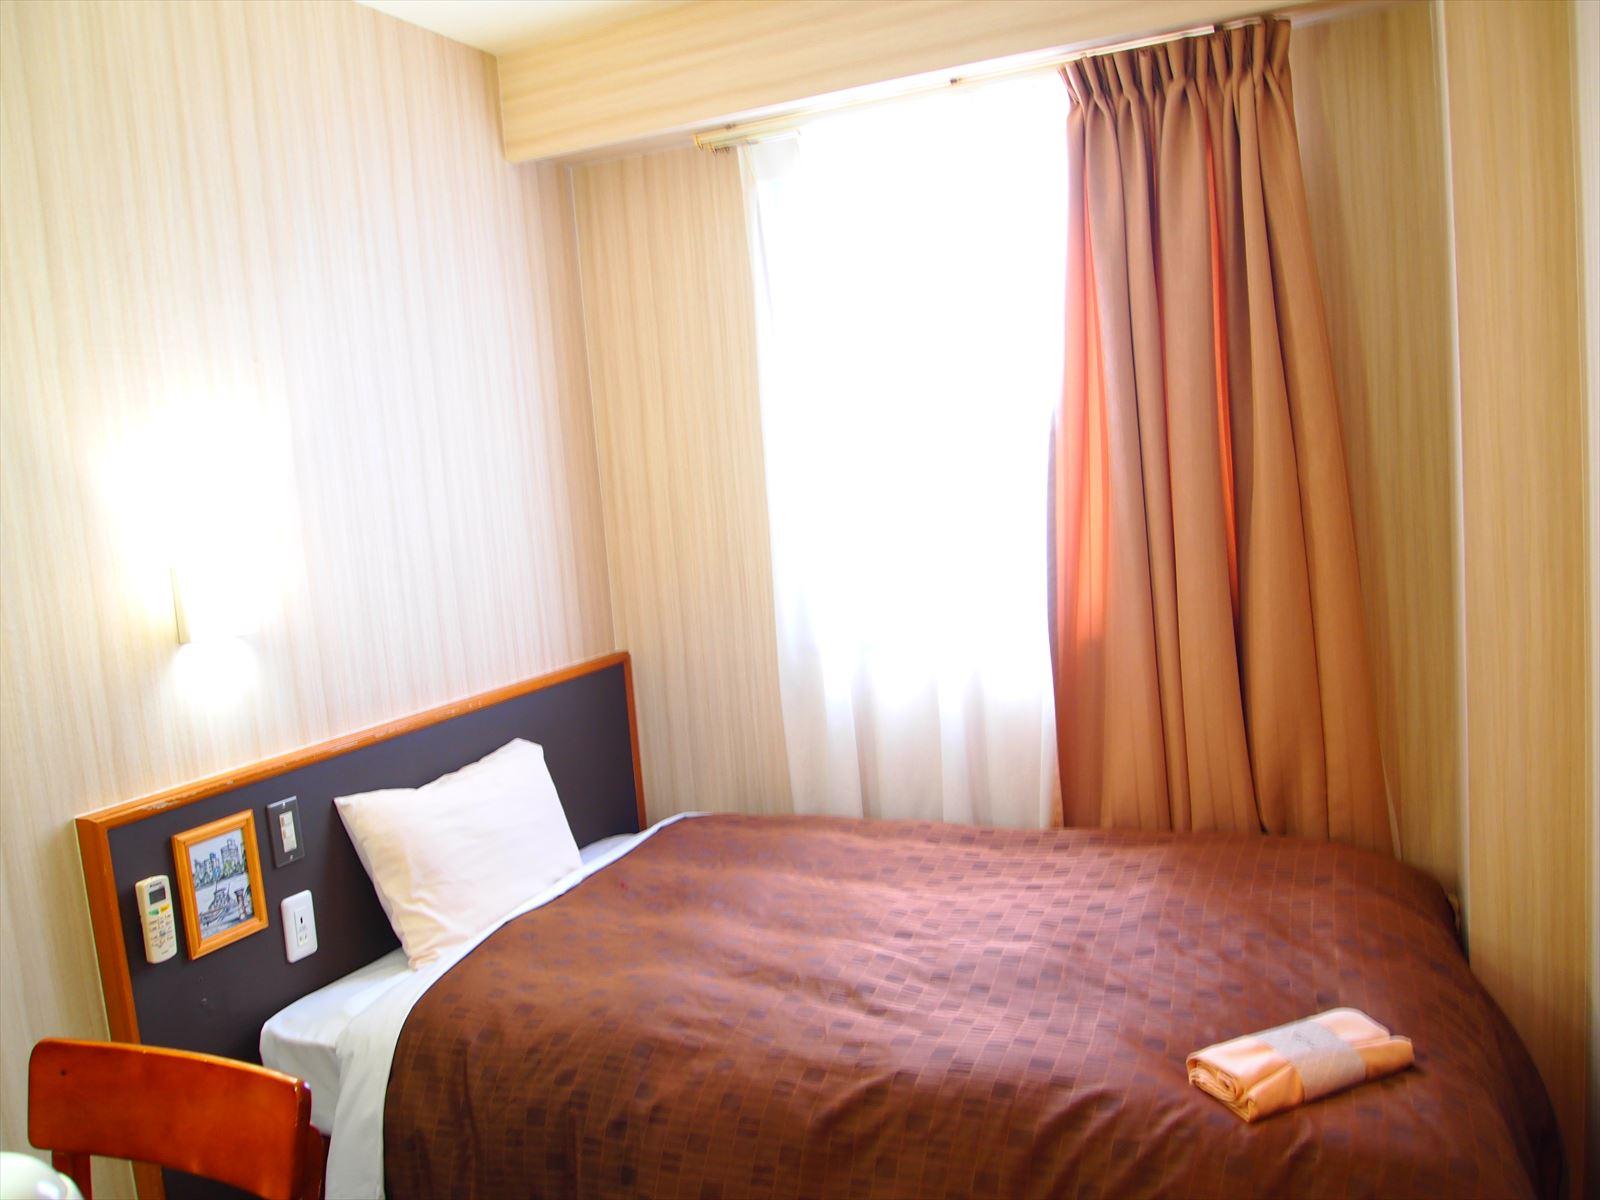 ホテルたいよう農園 シングルルーム